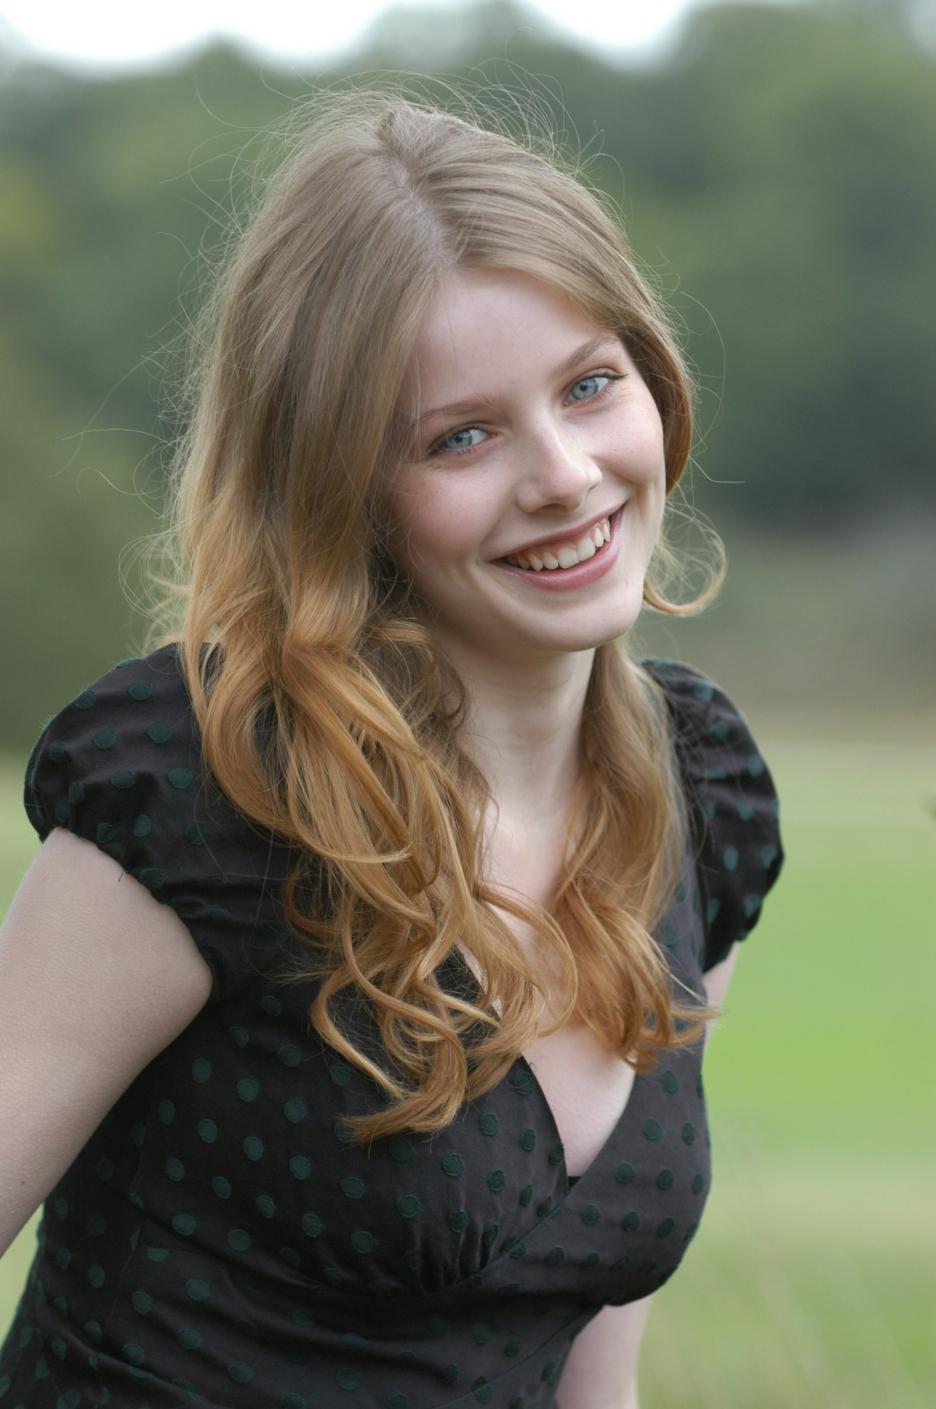 http://4.bp.blogspot.com/-ucBcDMLAE_c/TgEOhS_7IhI/AAAAAAAAEV8/cLTxcKIwAlU/s1600/Rachel-hurd-wood-Hairstyles%2B%25281%2529.jpg